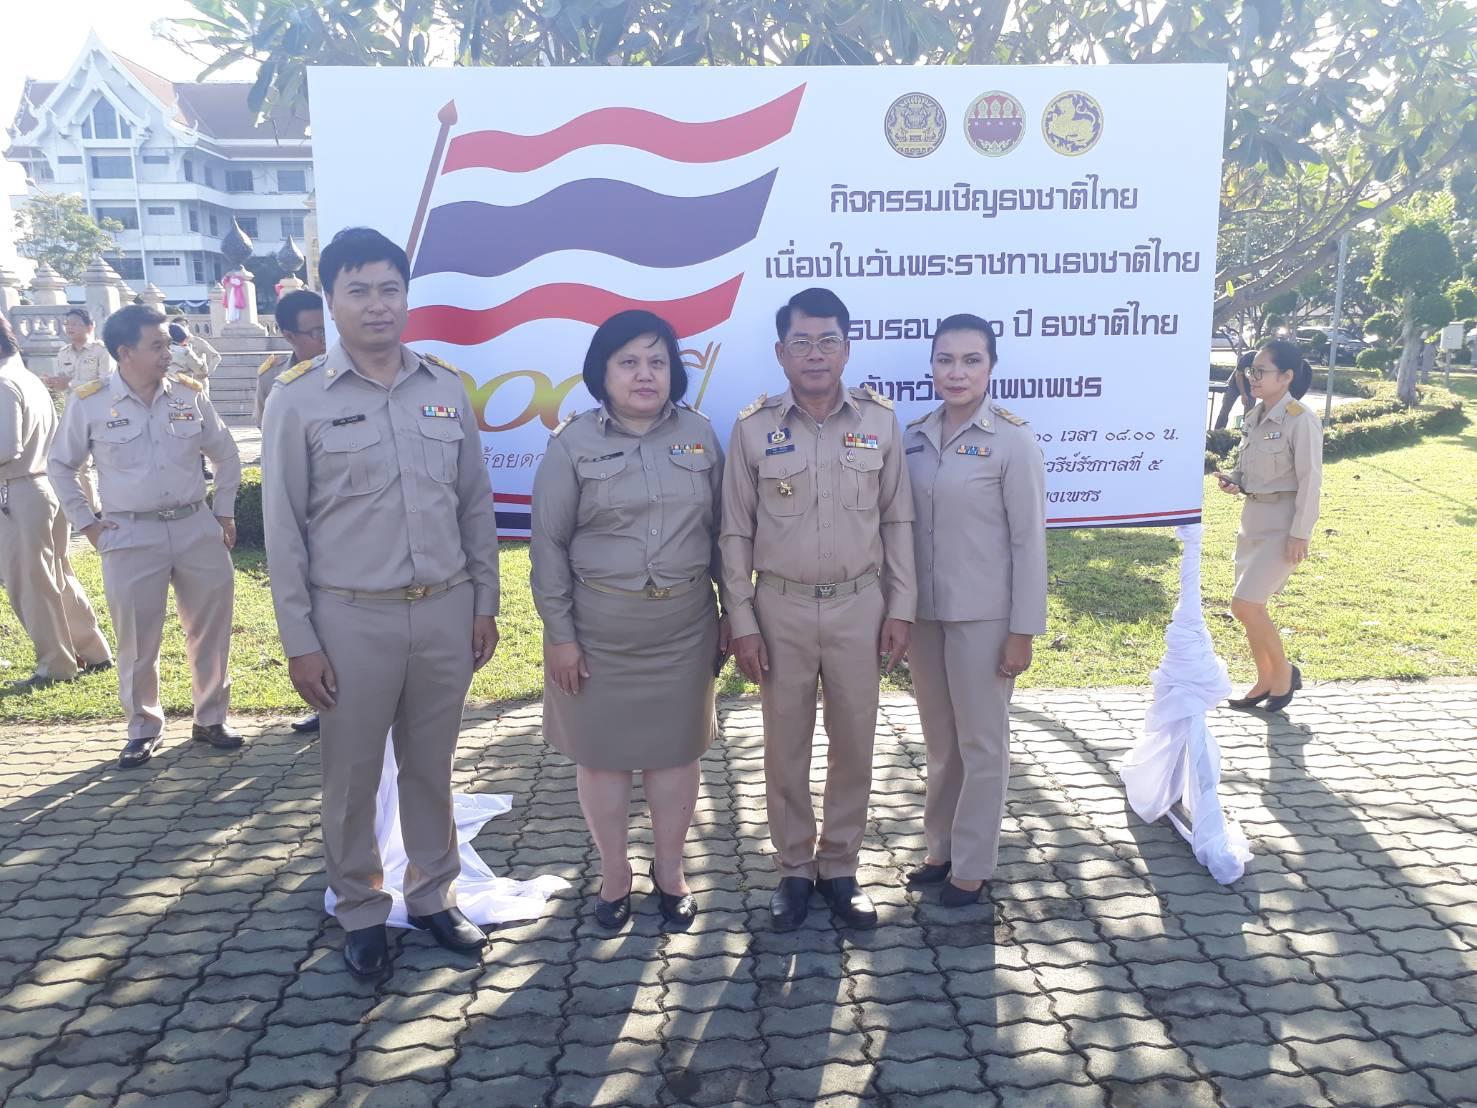 ร่วมกิจกรรมเชิญธงชาติไทยและร้องเพลงชาติไทย เนื่องในวันพระราชทานธงชาติไทยและครบรอบ 100 ปี ธงชาติไทย